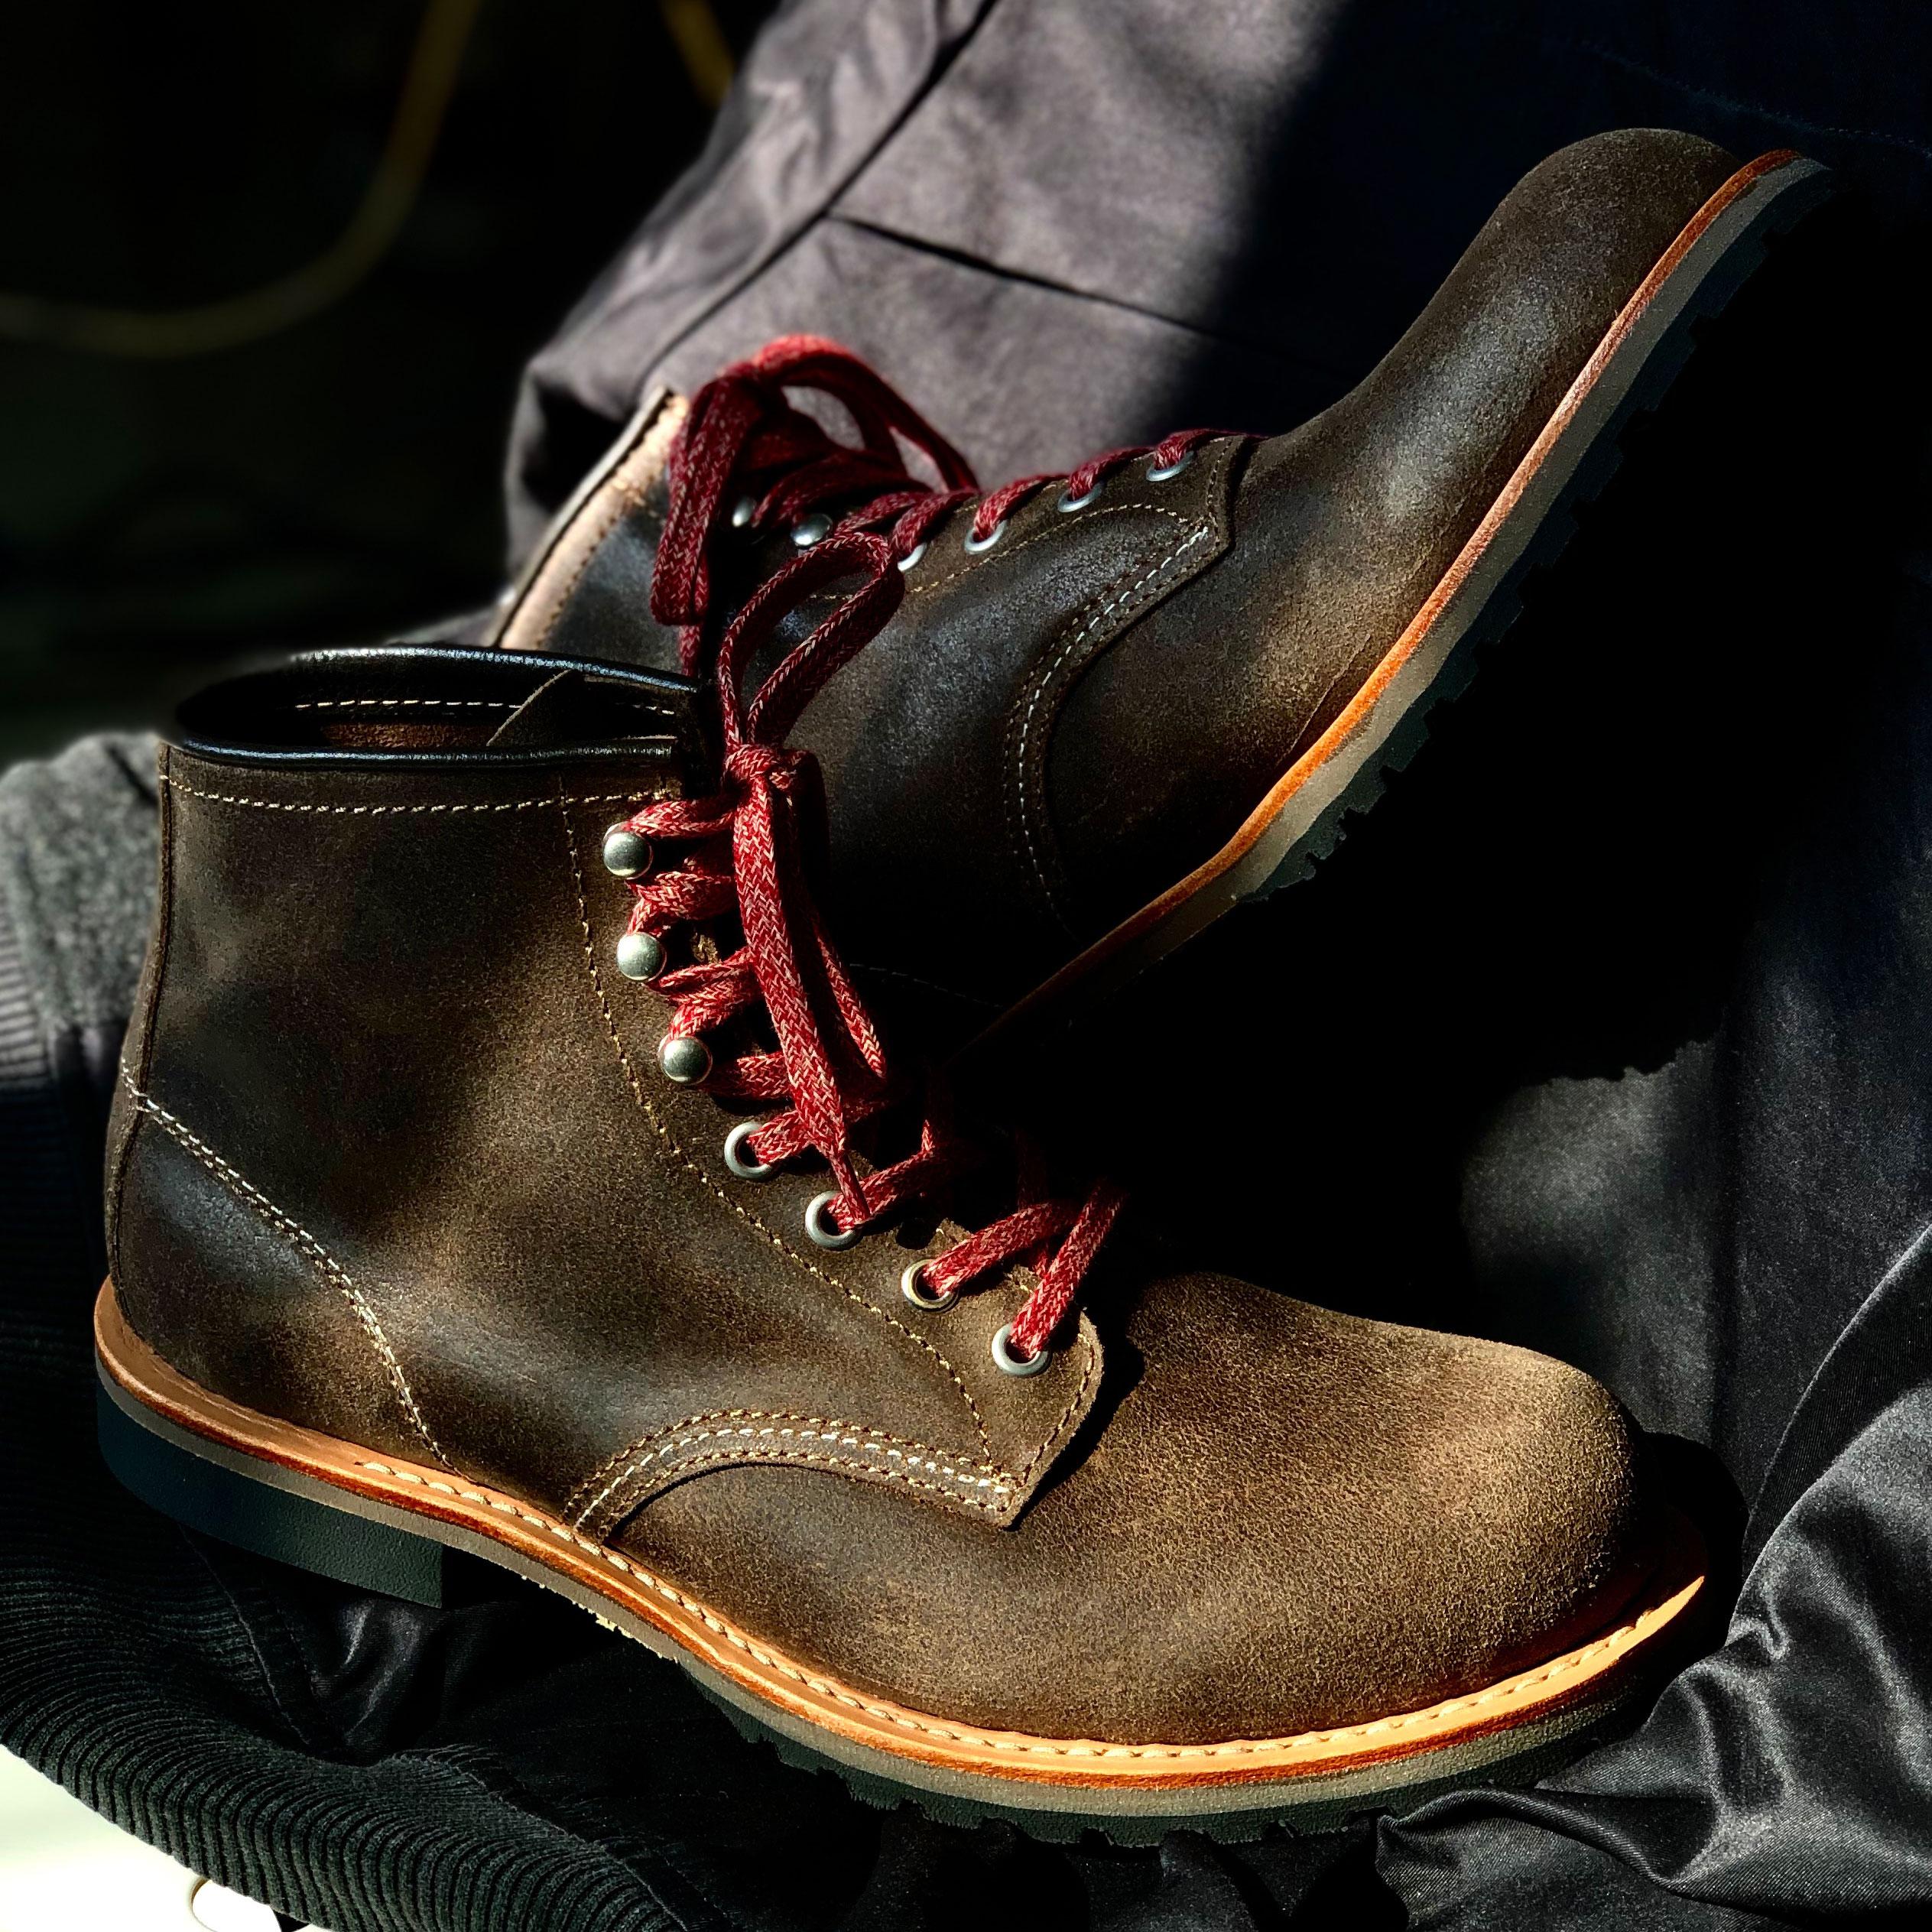 枯骨大逃亡固特异工装靴英国进口翻毛皮复古休闲马丁靴机橙刑靴